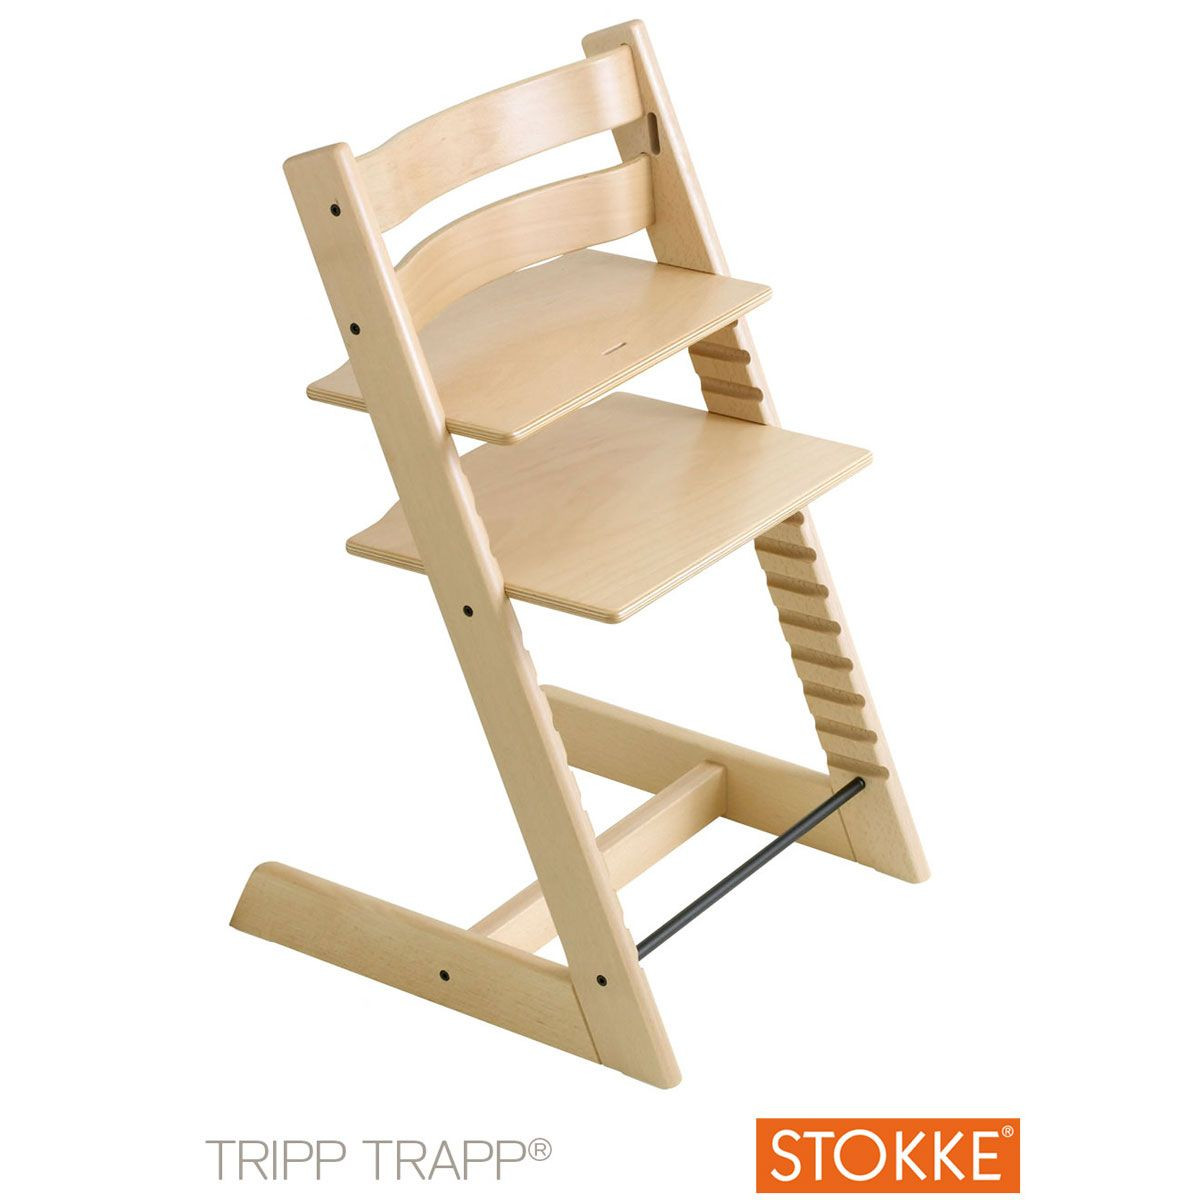 Chaise tripp trapp stokke avis - Chaise haute tripp trapp ...